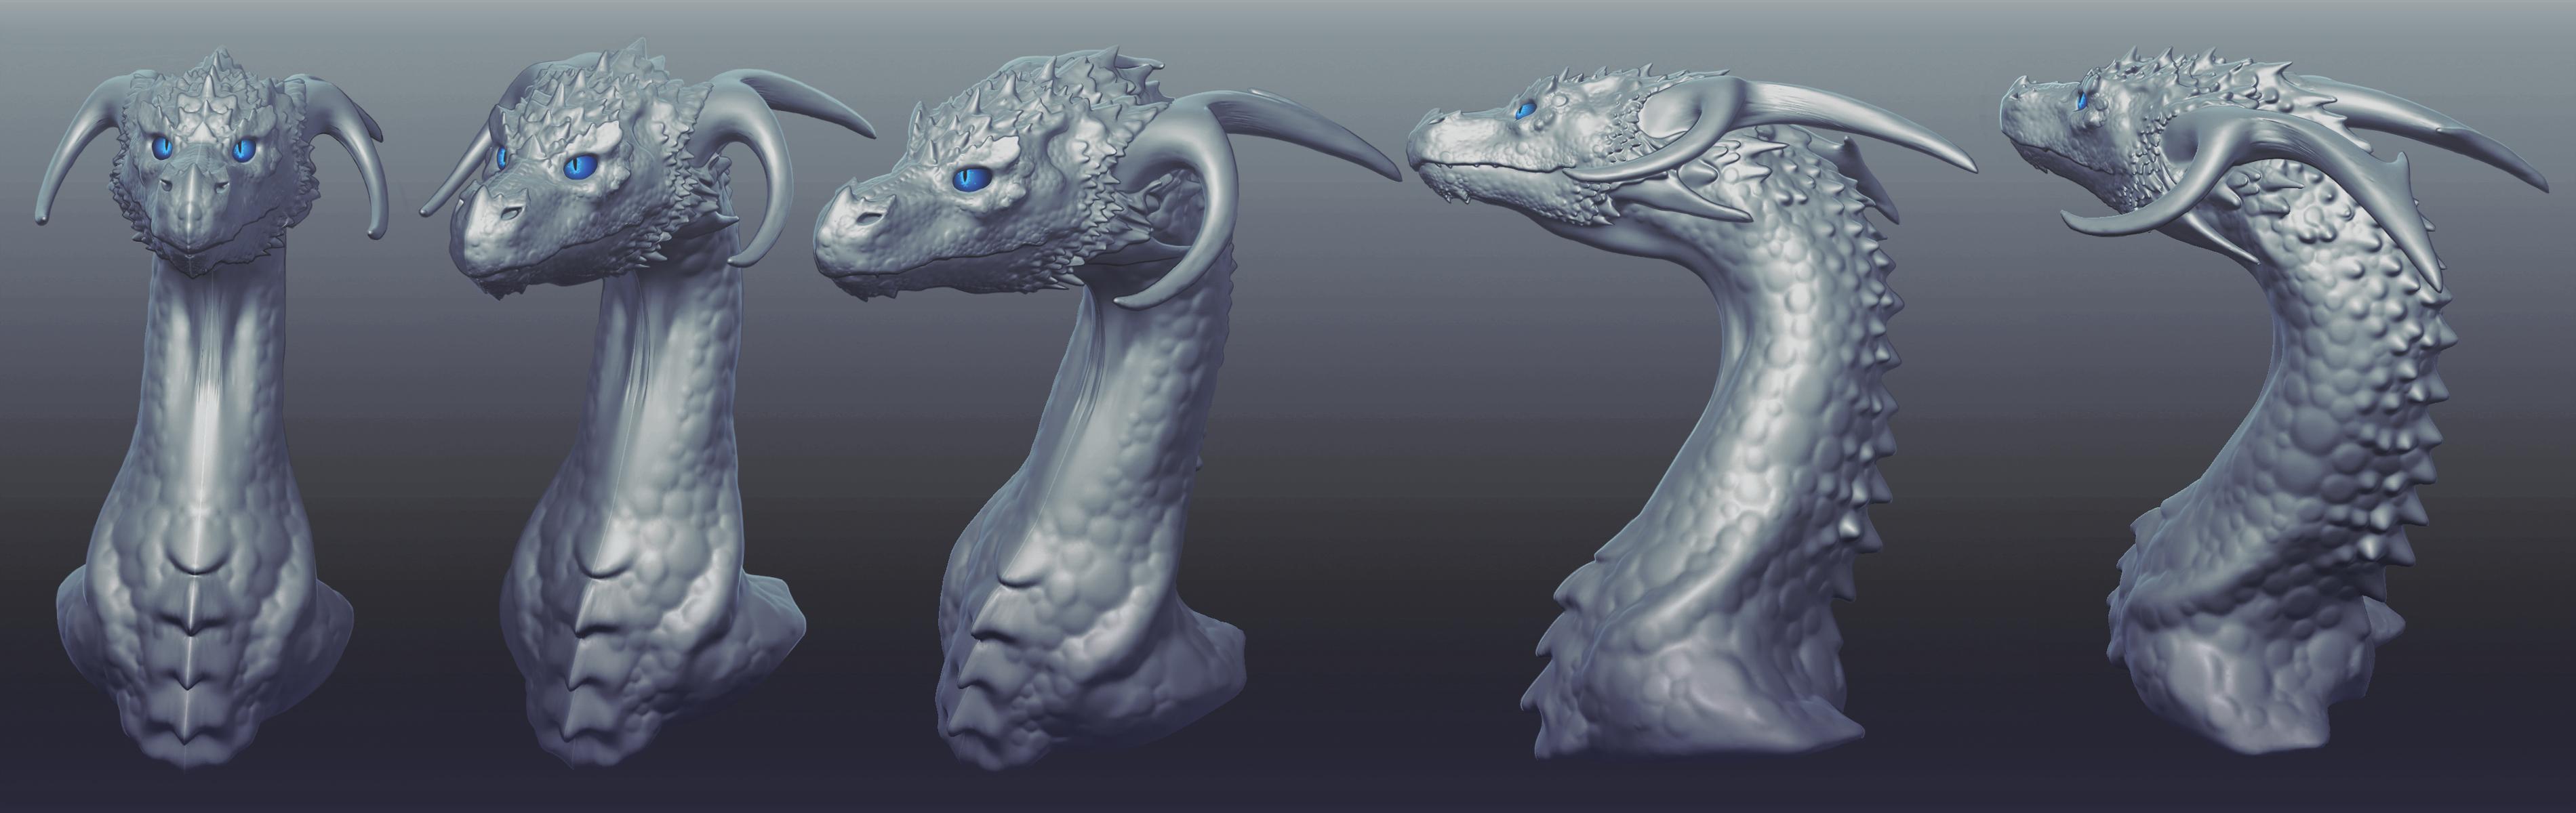 3D Dragon Sculpt by Chromamancer on DeviantArt